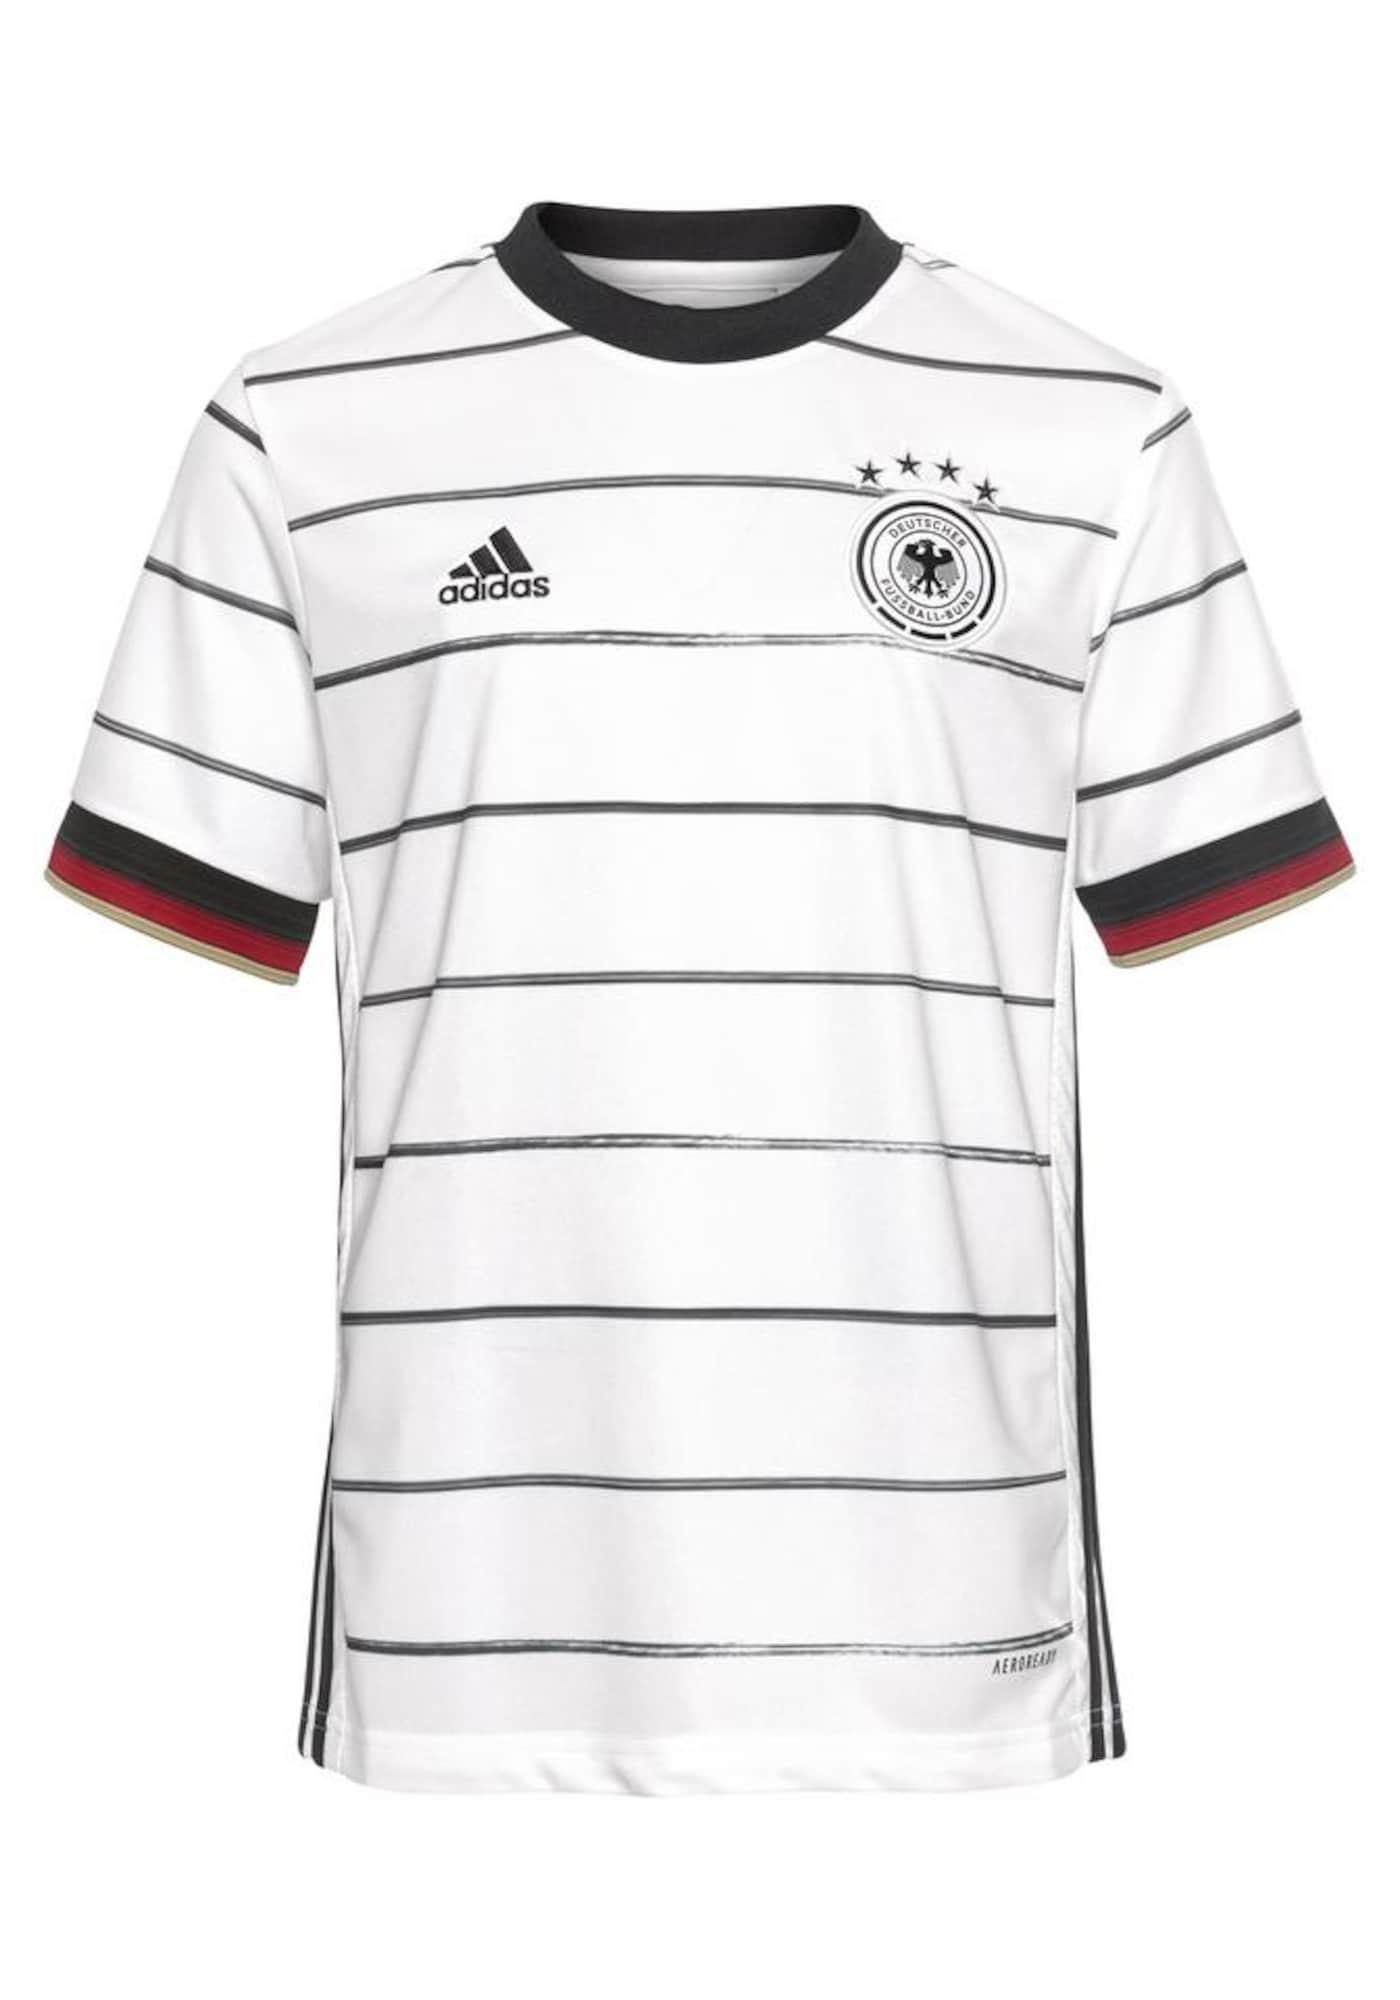 ADIDAS PERFORMANCE Sportiniai marškinėliai 'EM 2020 DFB' juoda / balta / tamsiai raudona